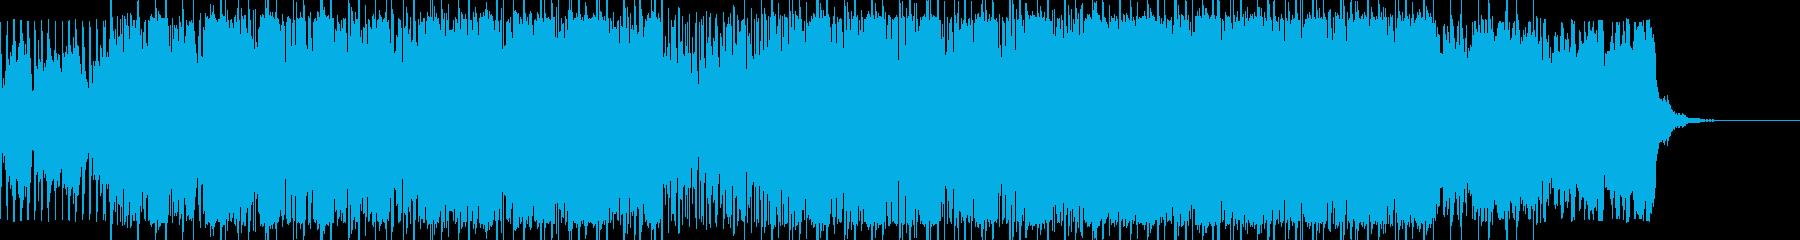 疾走感あるスリリングでシネマティックな曲の再生済みの波形